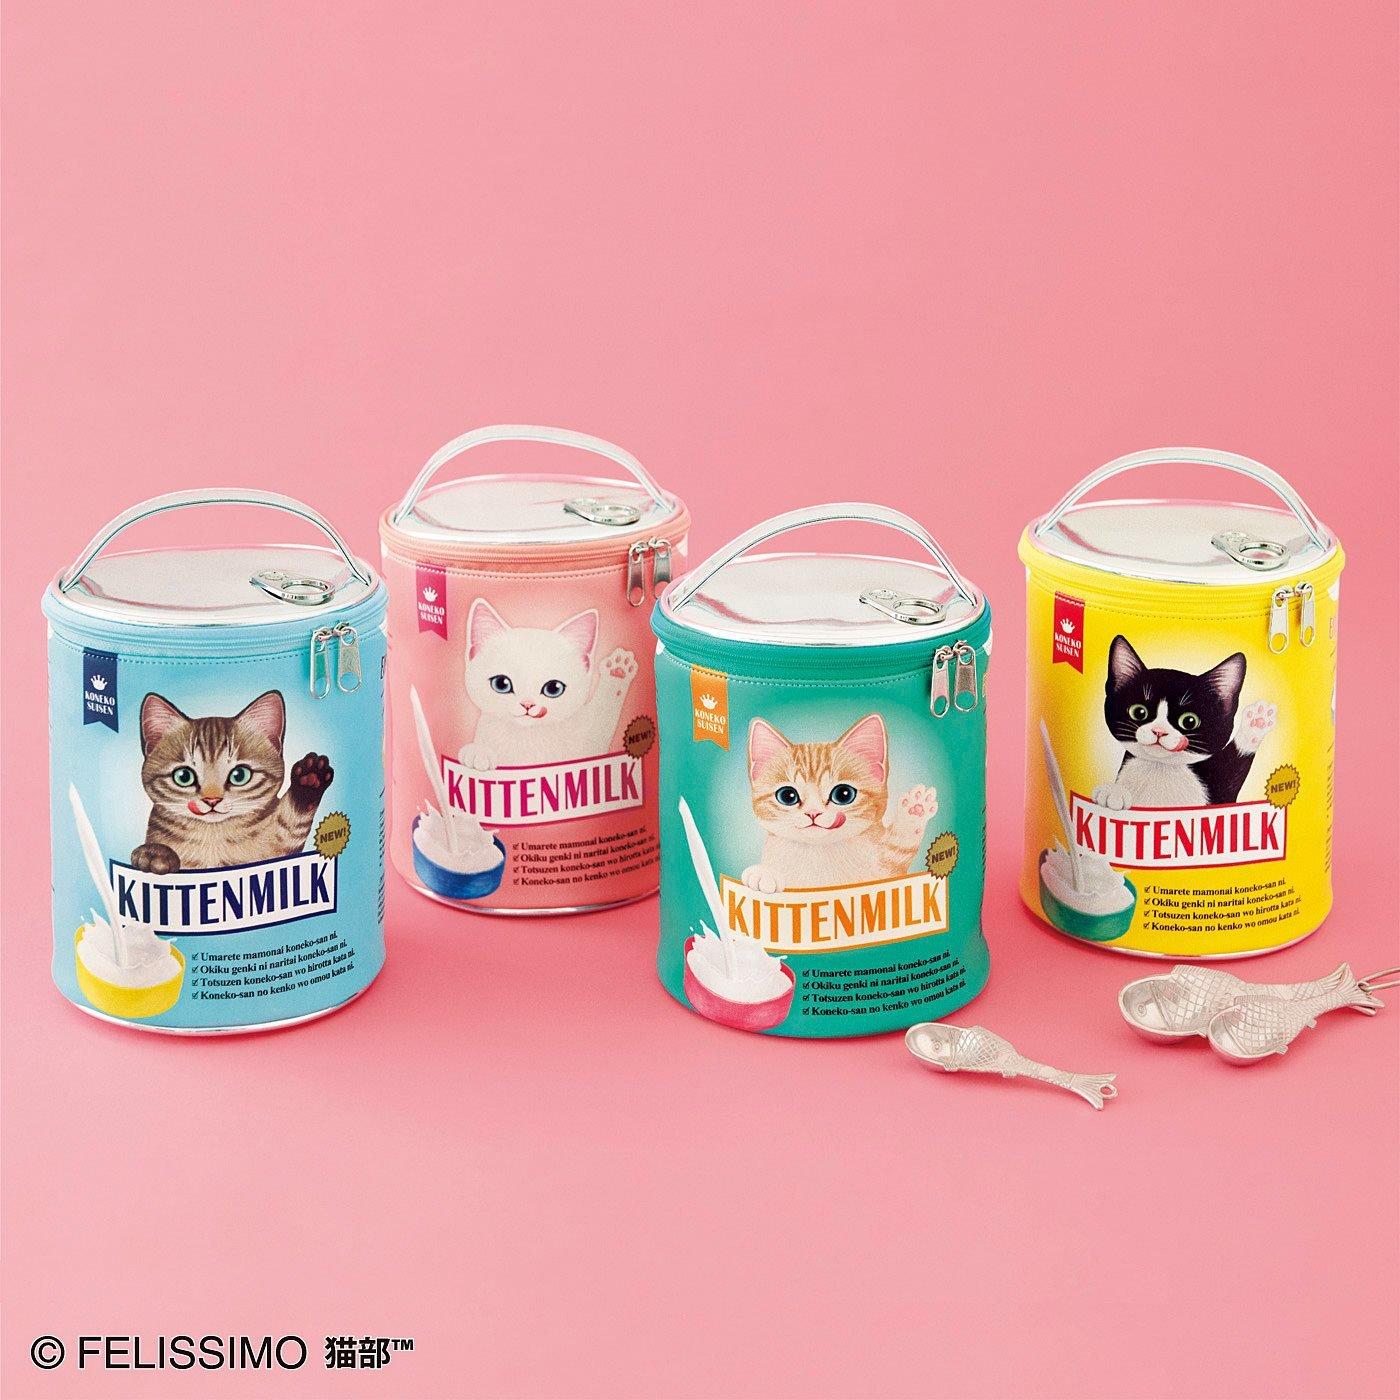 ゴクゴク飲むにゃ! 子猫ミルクバニティーポーチの会